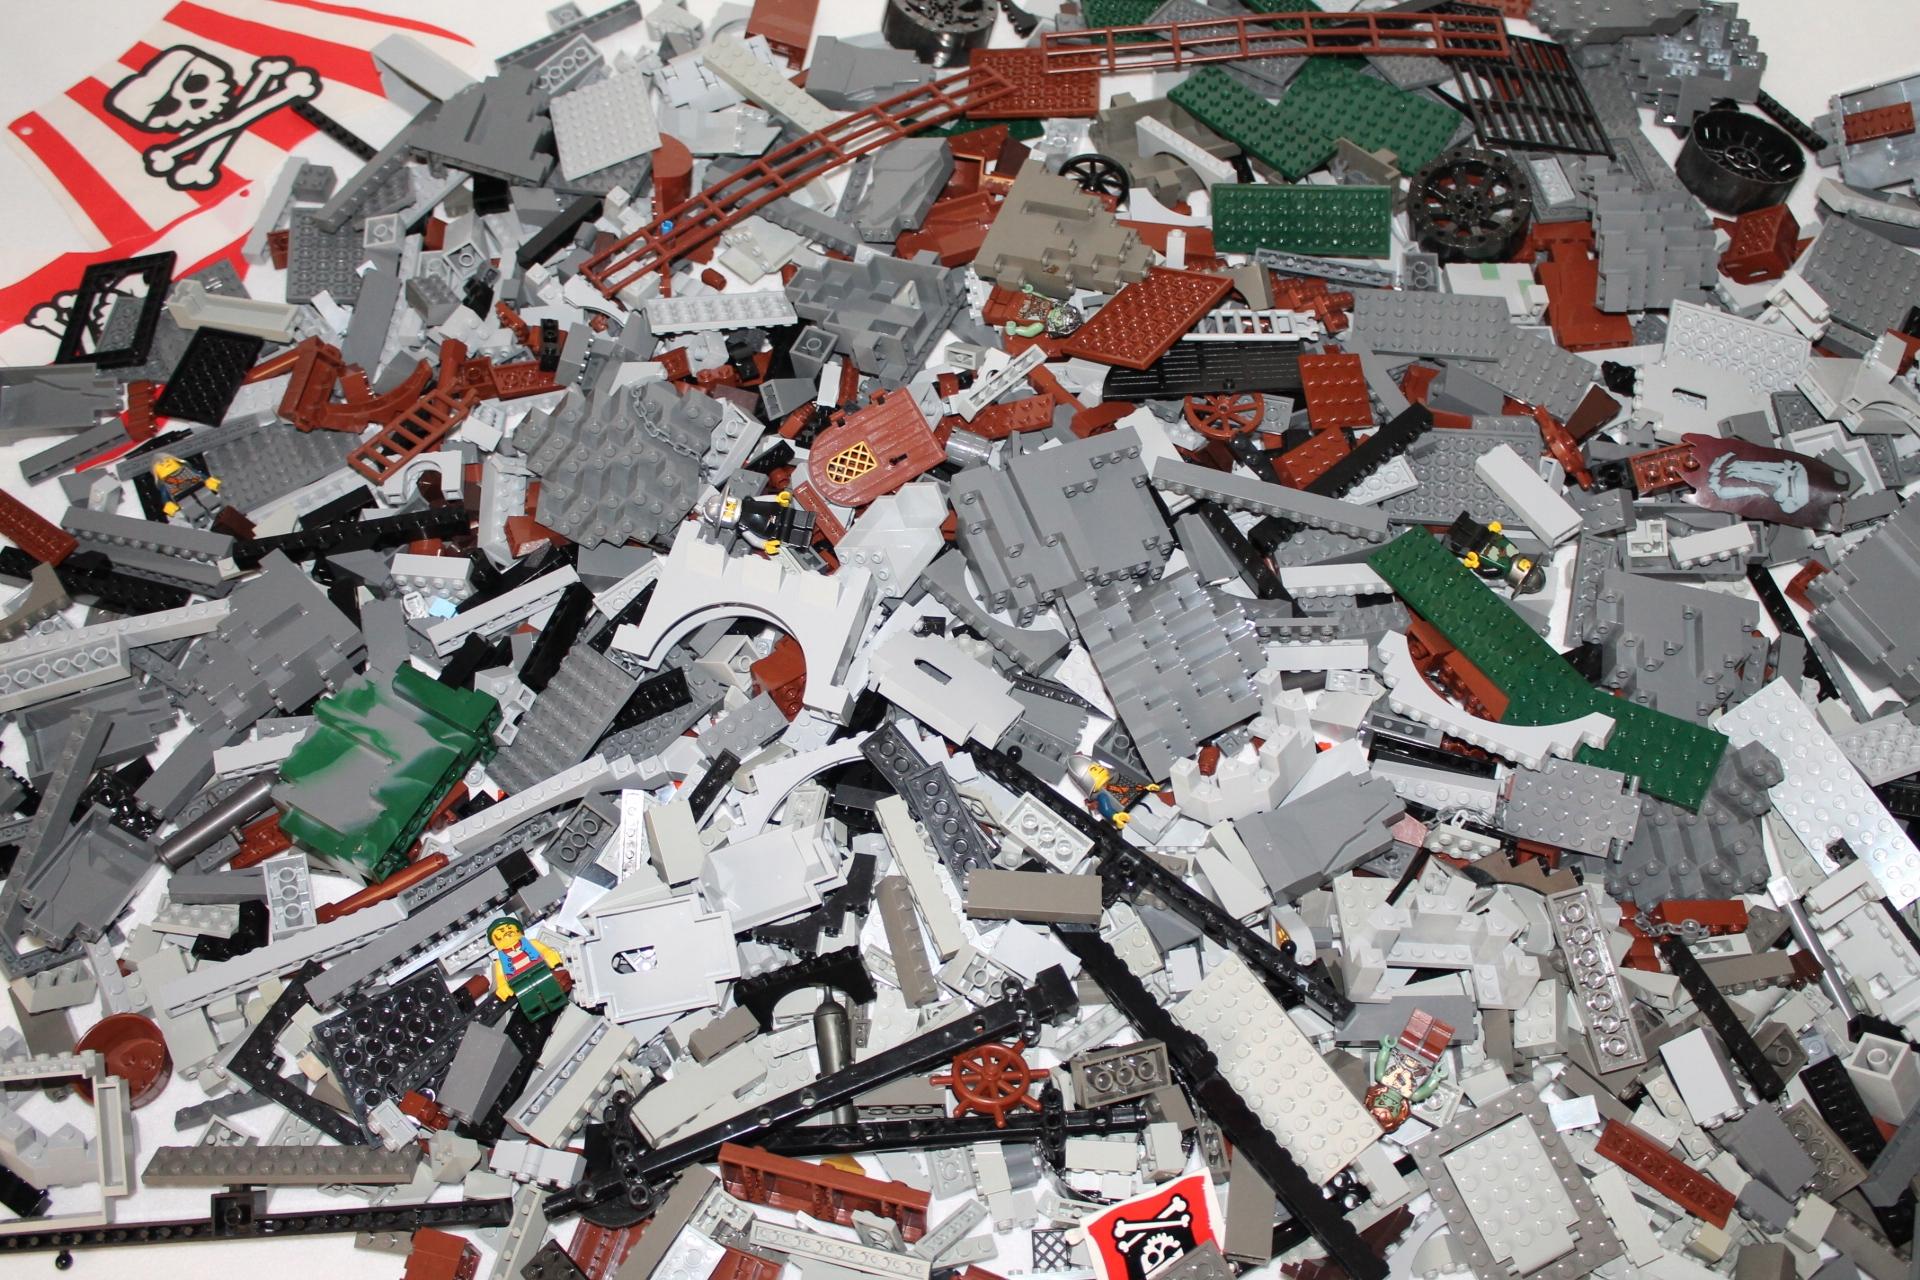 LEGO Castle i Piraci 3,45 kg figurki (L 46)